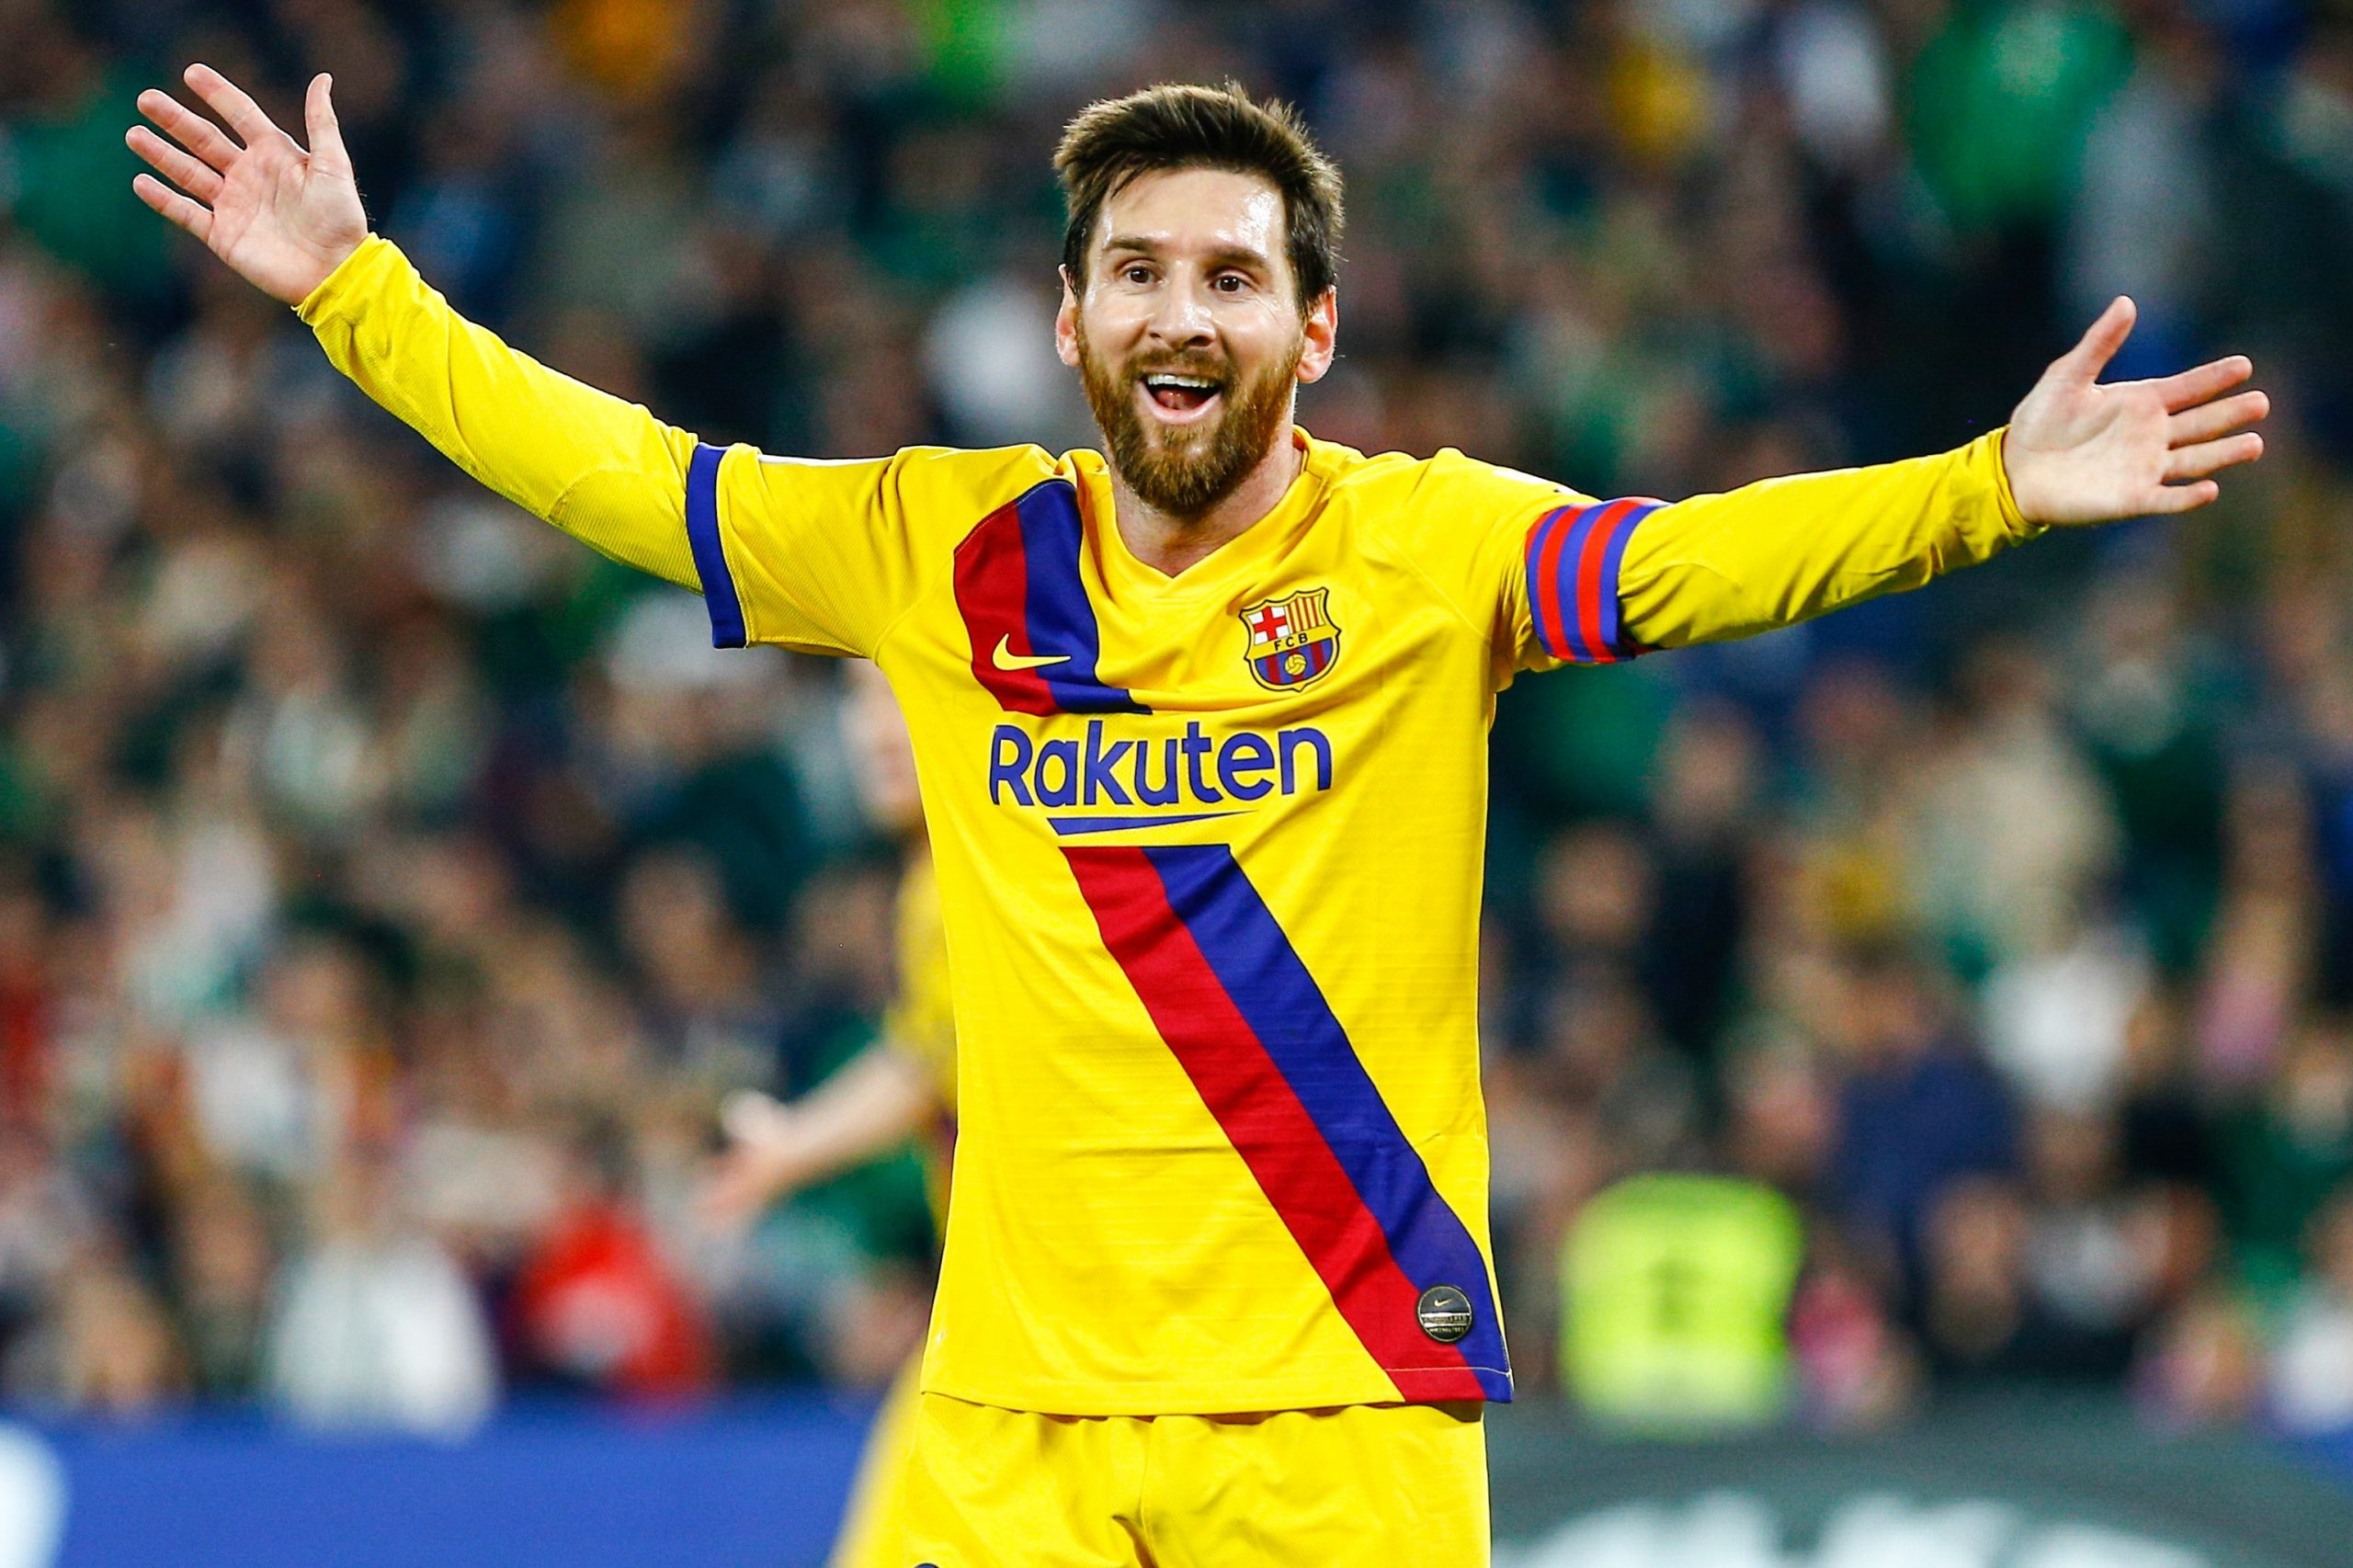 Mercato - L'entourage de Messi dément l'apprentissage du français